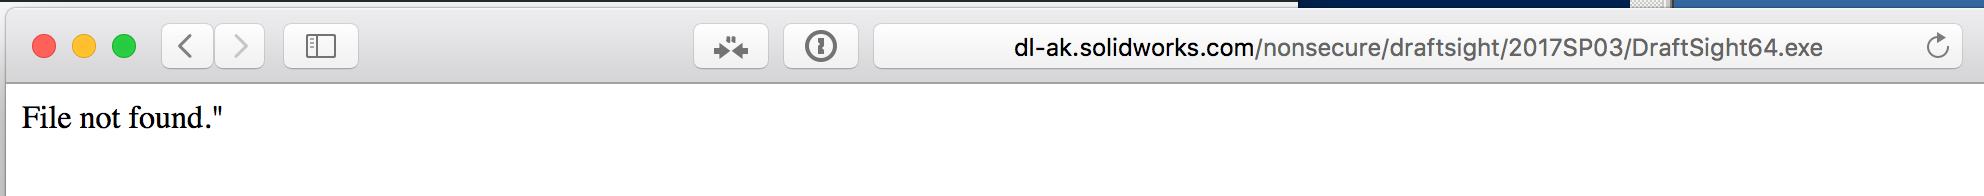 DraftSight download URL no longer works · Issue #6 · teknowledgist